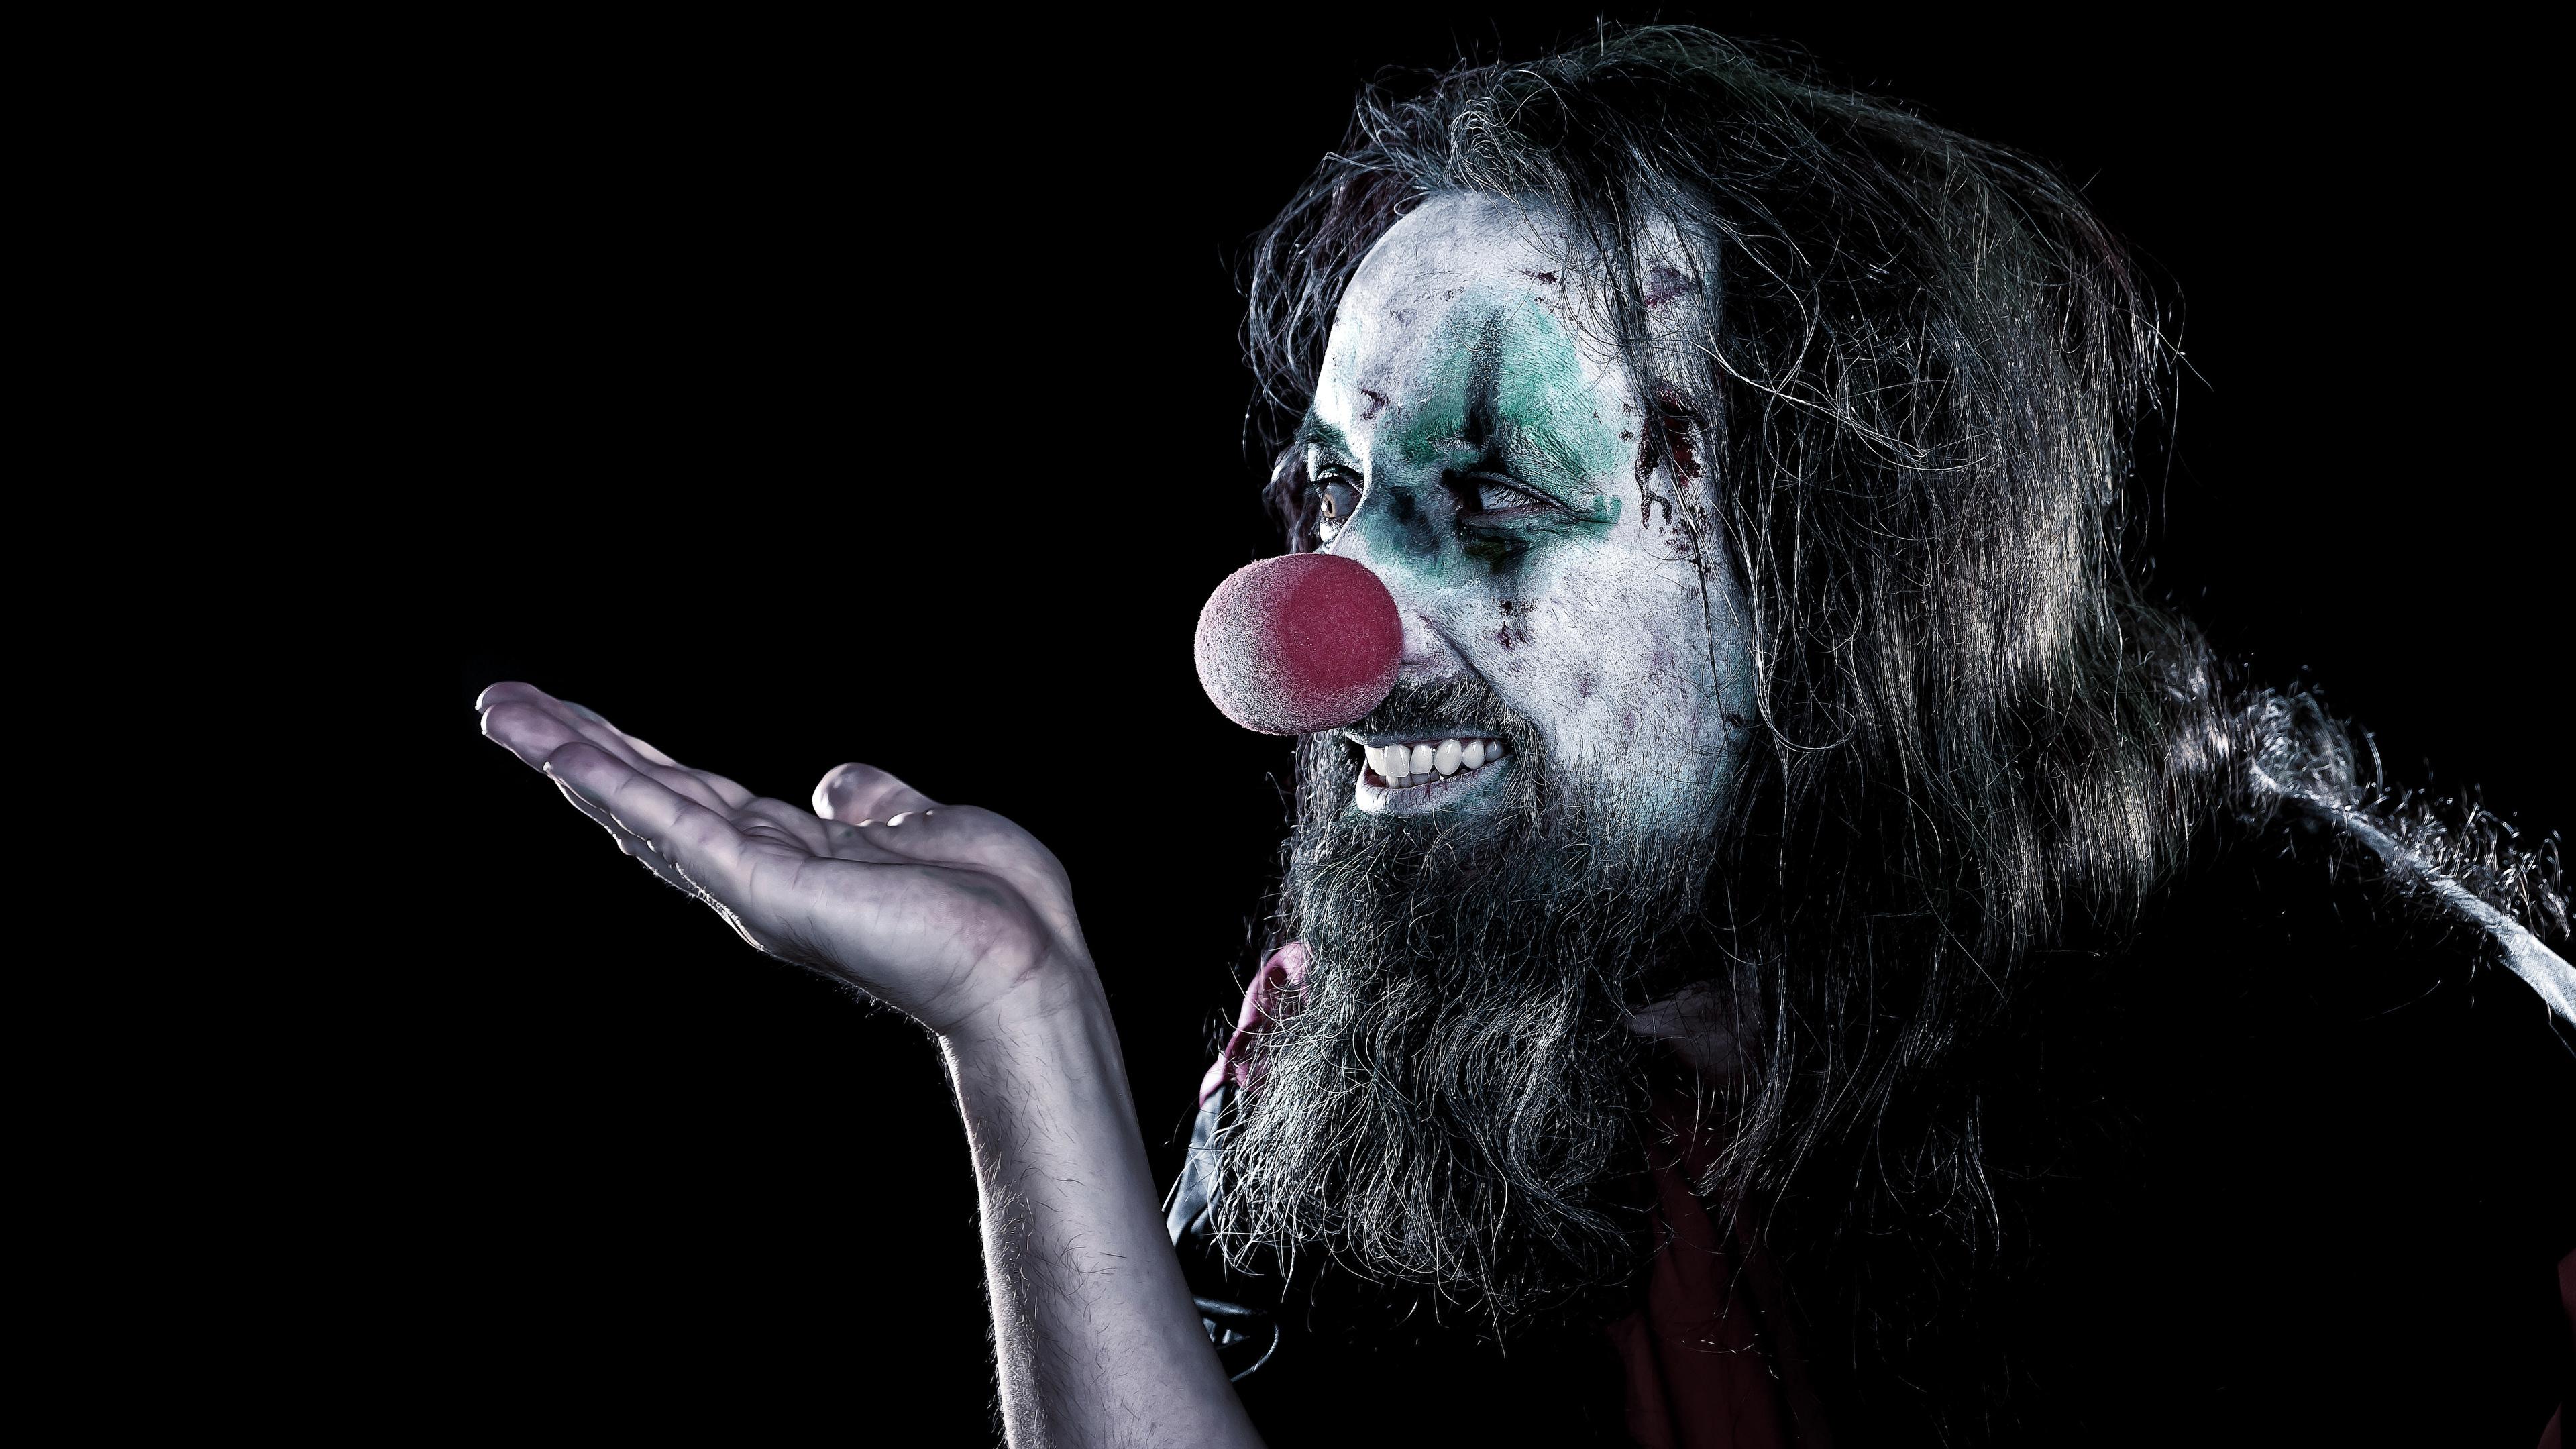 Фотографии Мужчины Макияж Клоун Борода рука Черный фон 3840x2160 мужчина мейкап косметика на лице клоуны клоуна бородой бородатые бородатый Руки на черном фоне